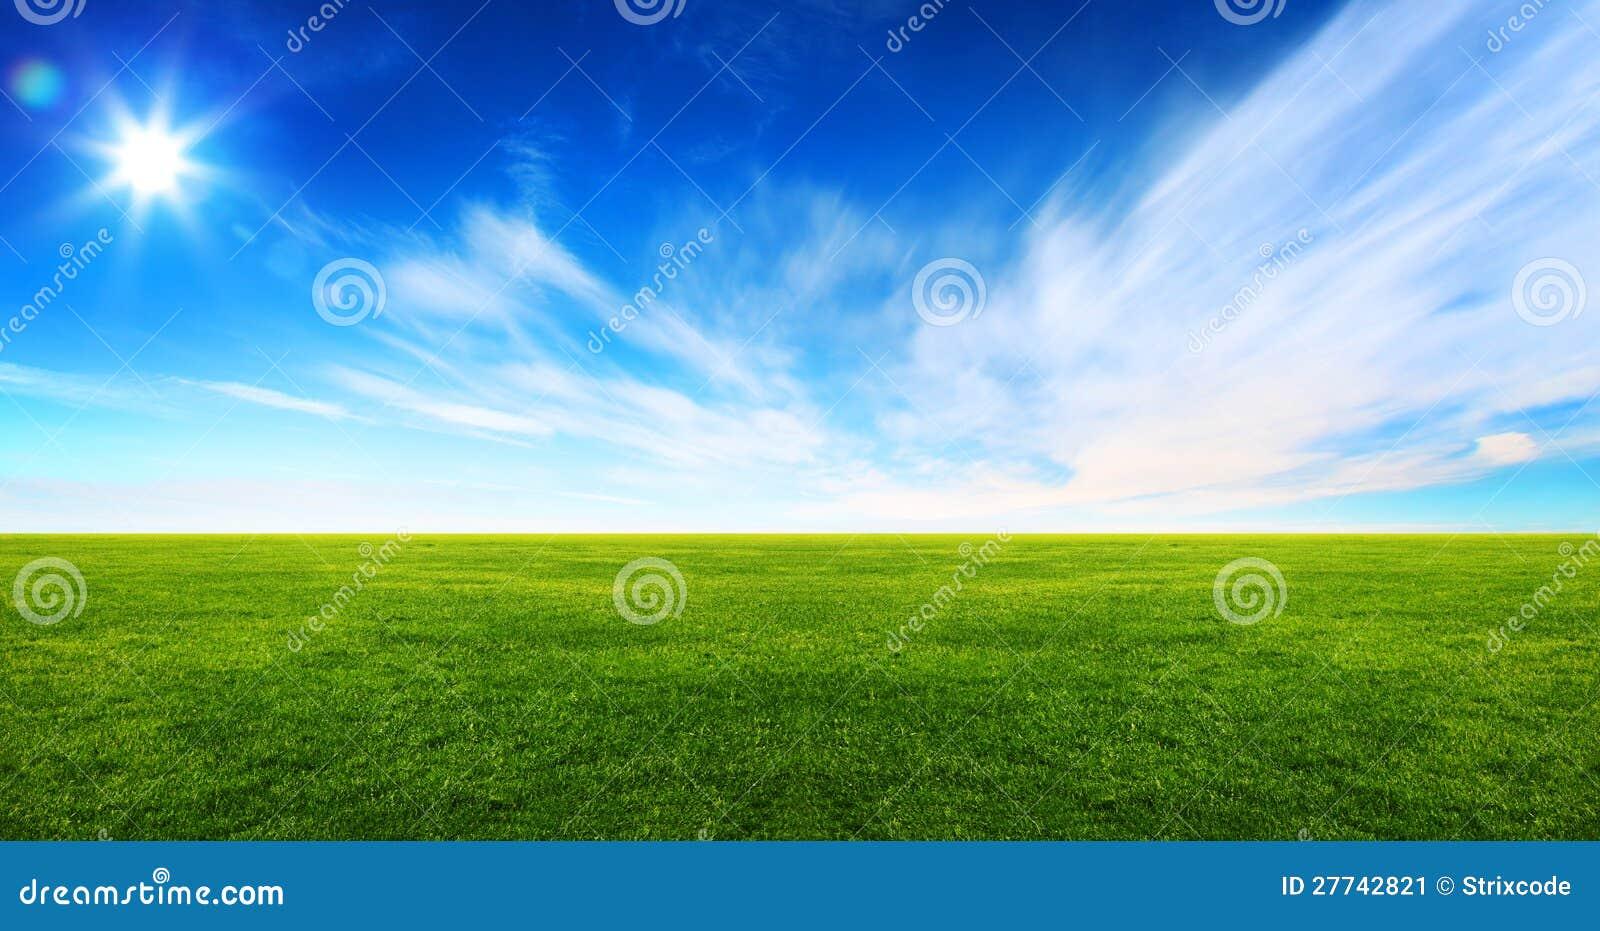 Широкое изображение поля зеленой травы